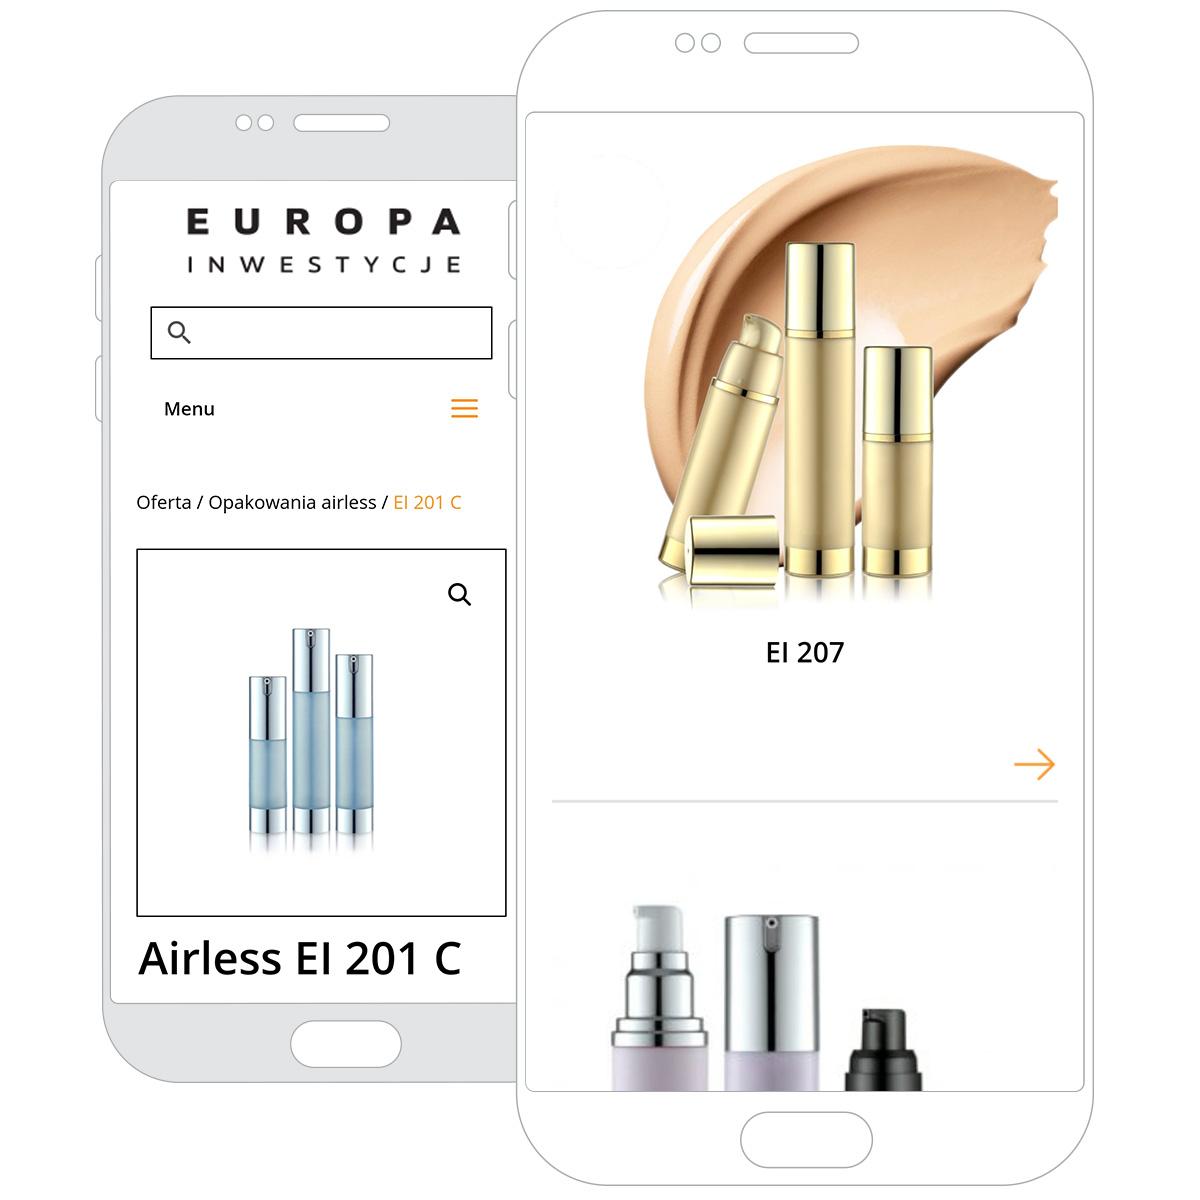 Strona internetowa Europa Inwestycje nasmartphonie